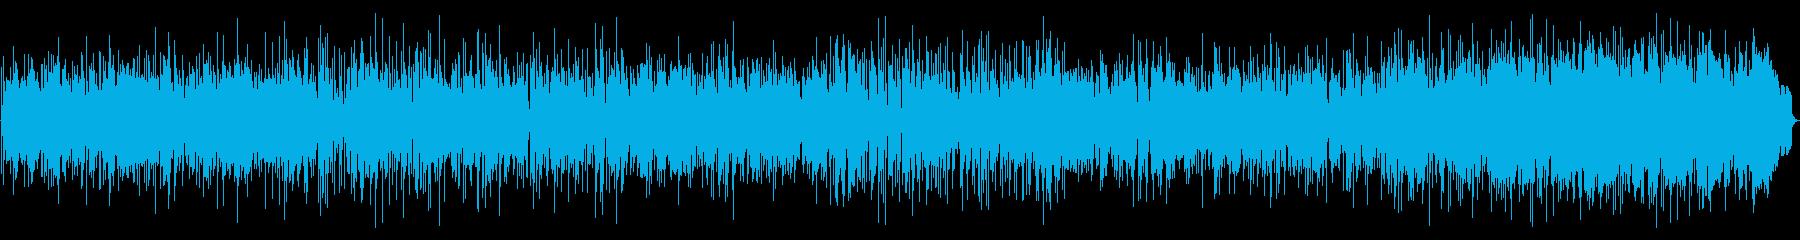 リラックスタイムに聞きたいスムースジャズの再生済みの波形